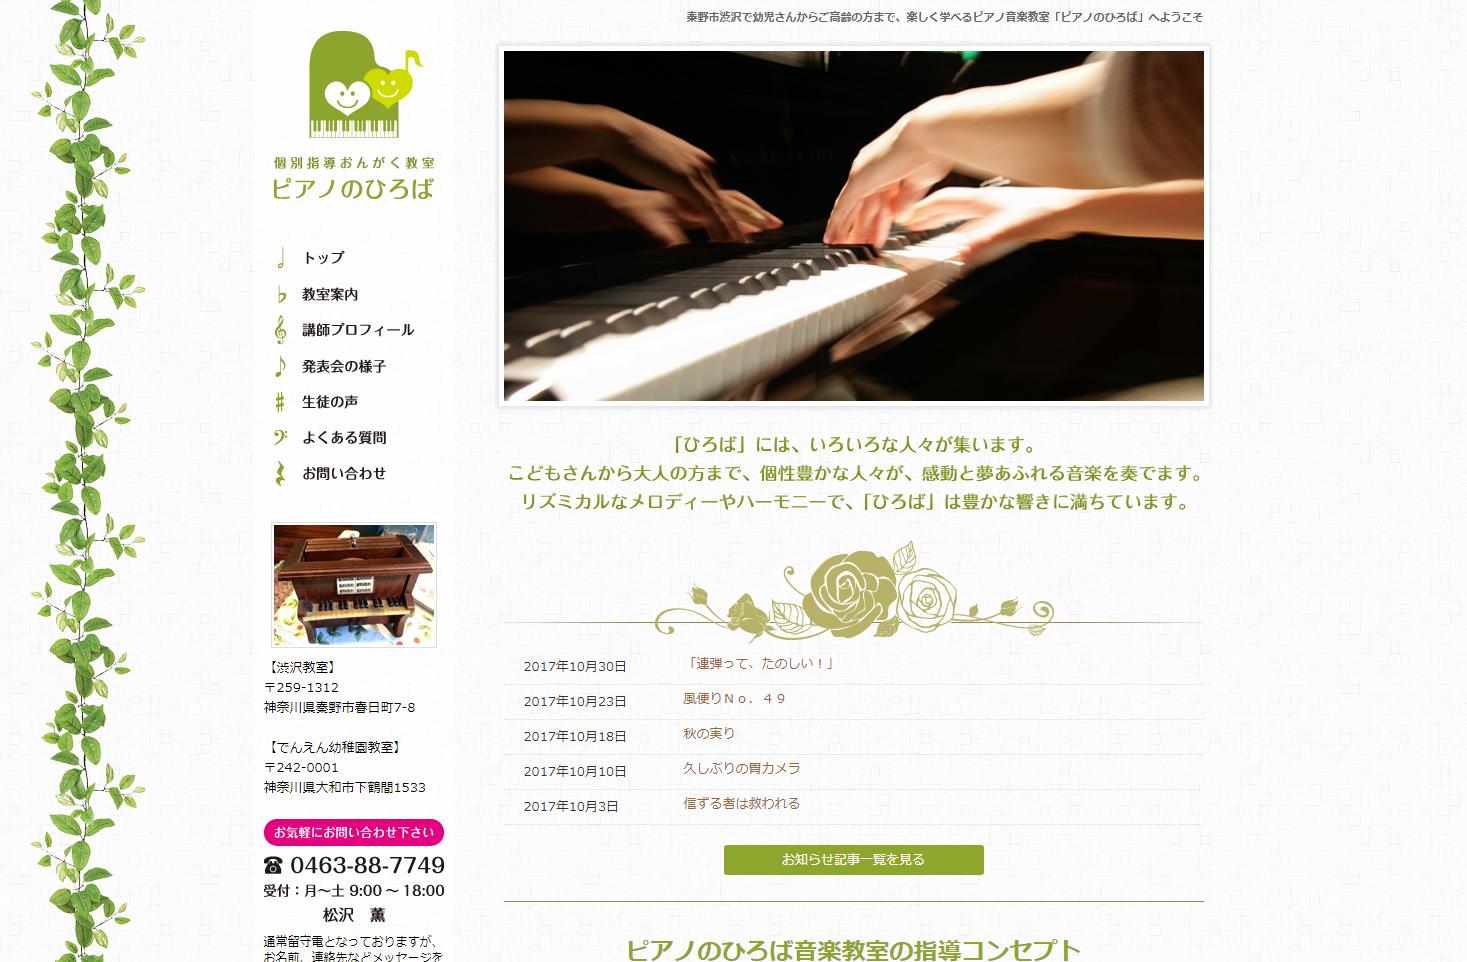 ピアノのひろばのサムネイル